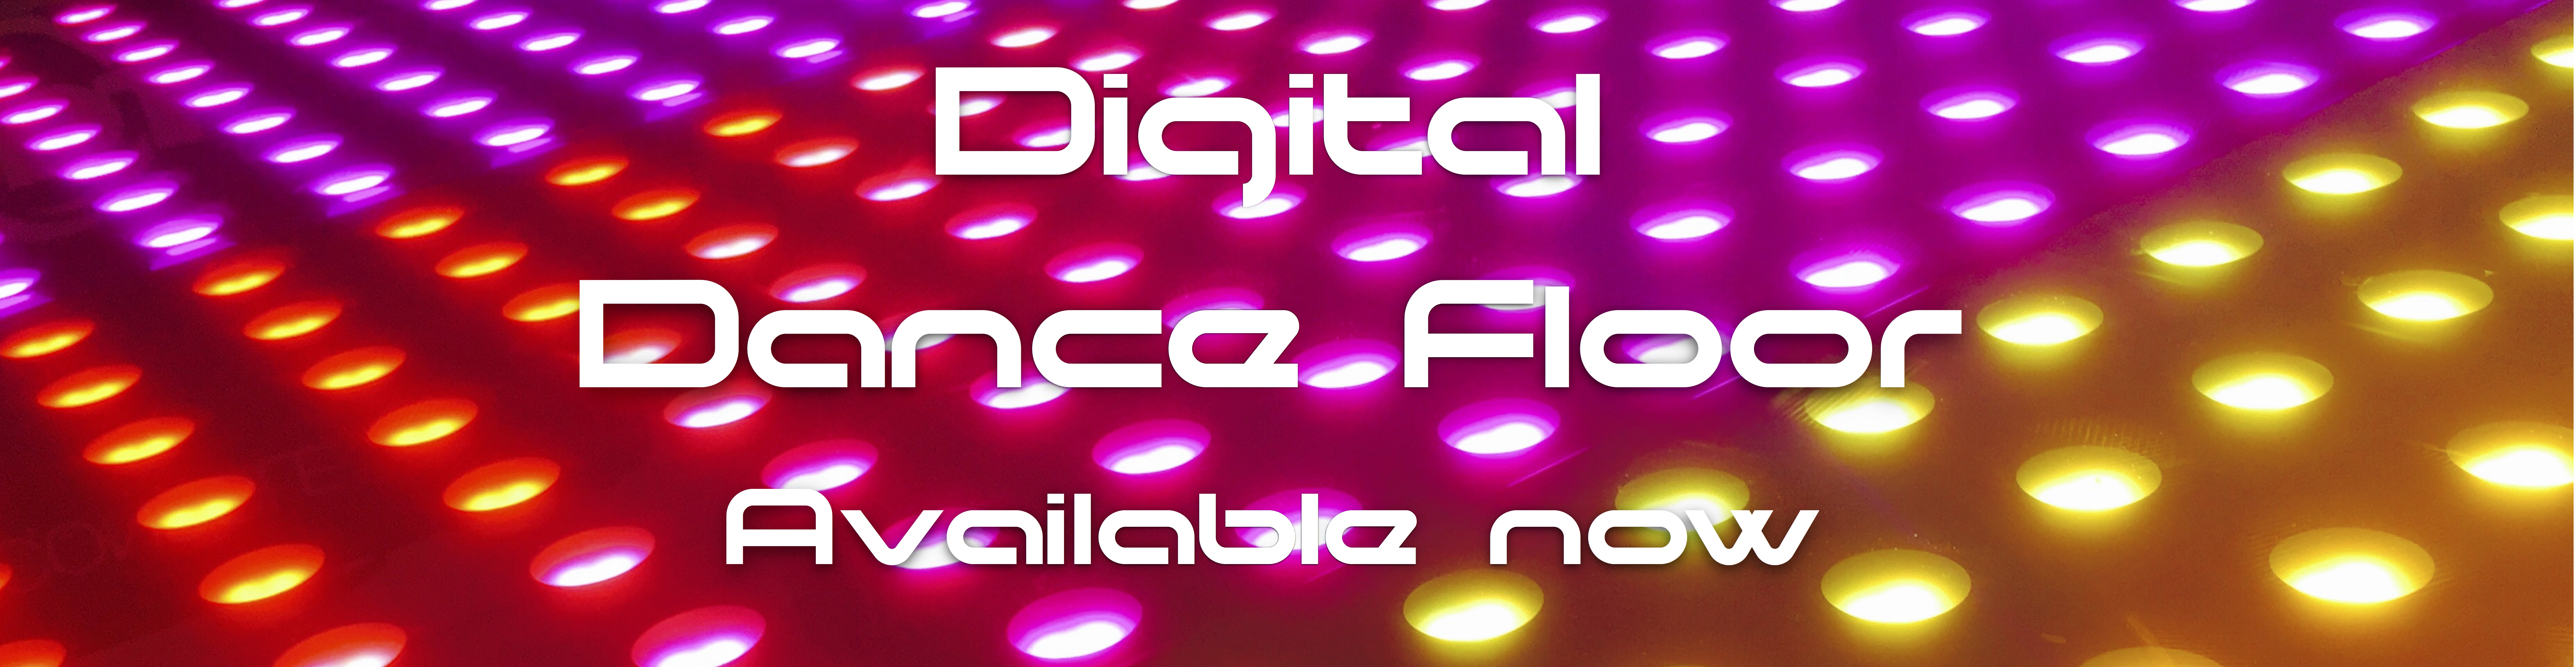 digitalfloorweb-1